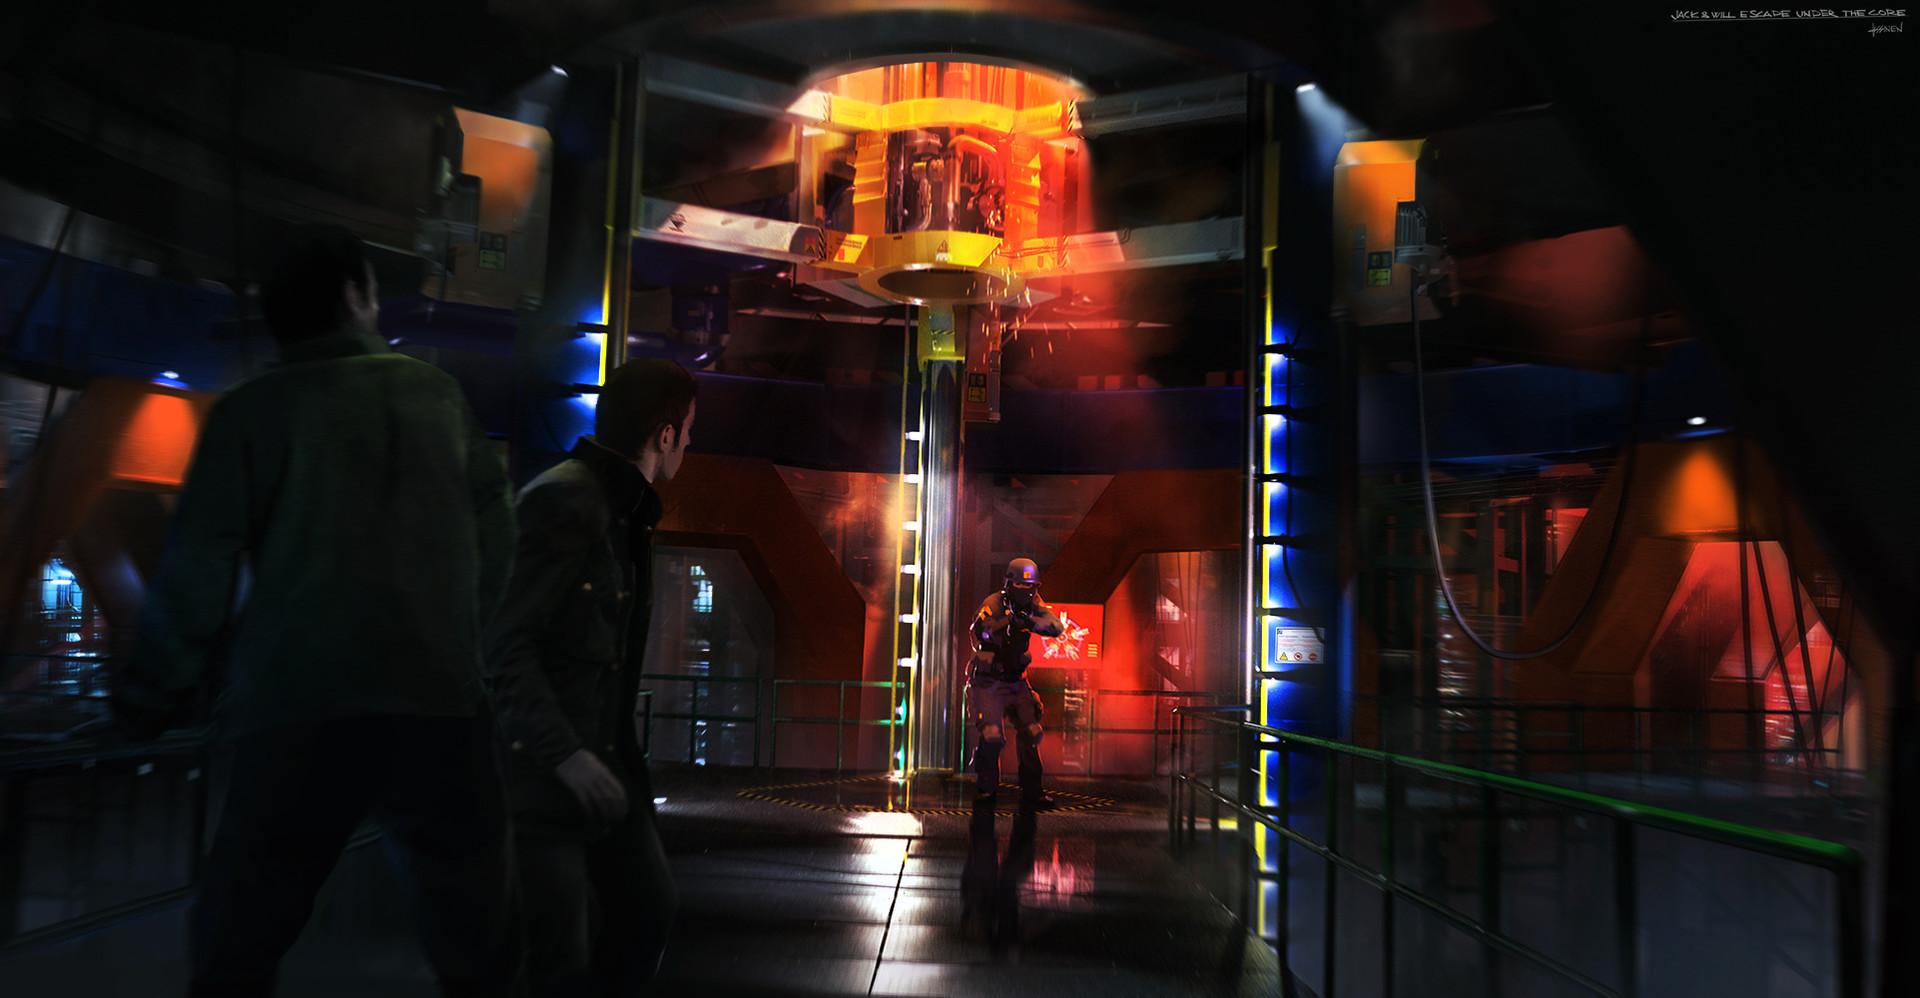 Ville Assinen - Under the Core, Art of Quantum Break